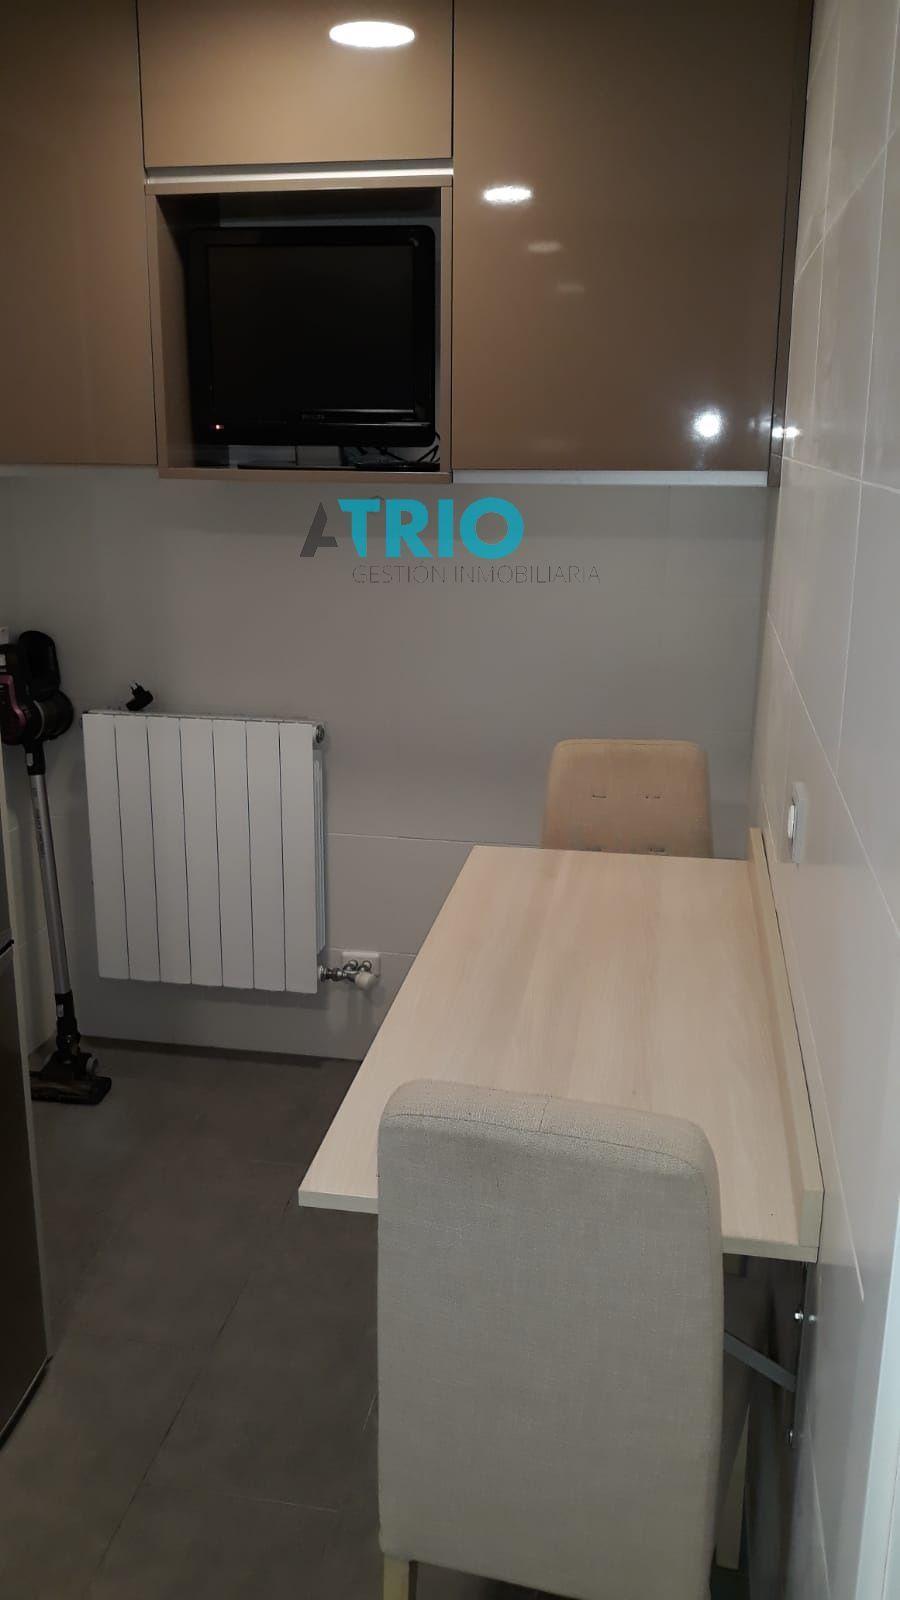 dia.mobiliagestion.es/Portals/inmoatrio/Images/5699/4763855